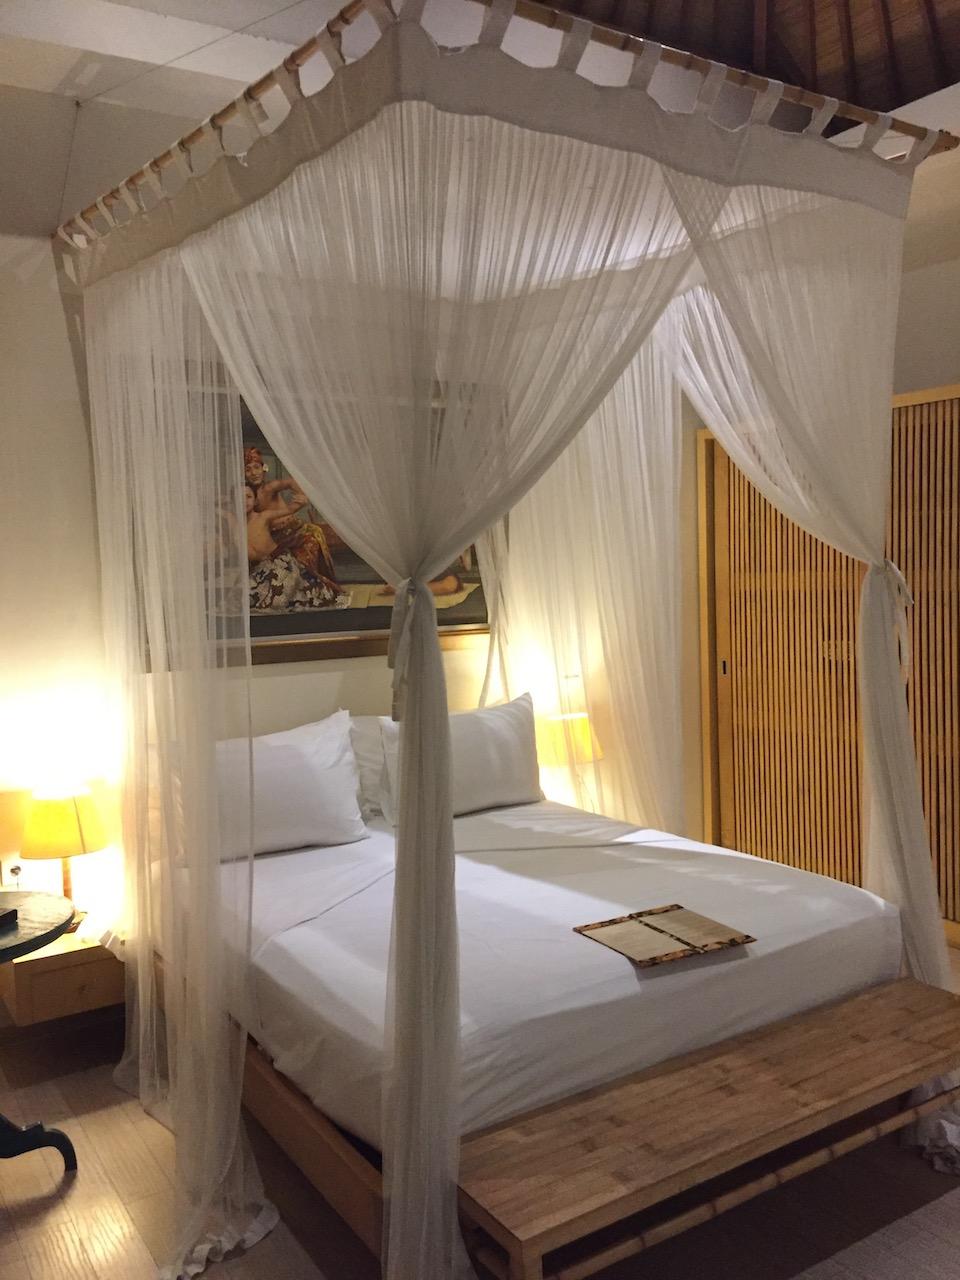 バリ島 3泊5日 プラン 費用 Villa Bali Asri Batubelig(ヴィラ バリ アスリ バツベリグ)ベッド2